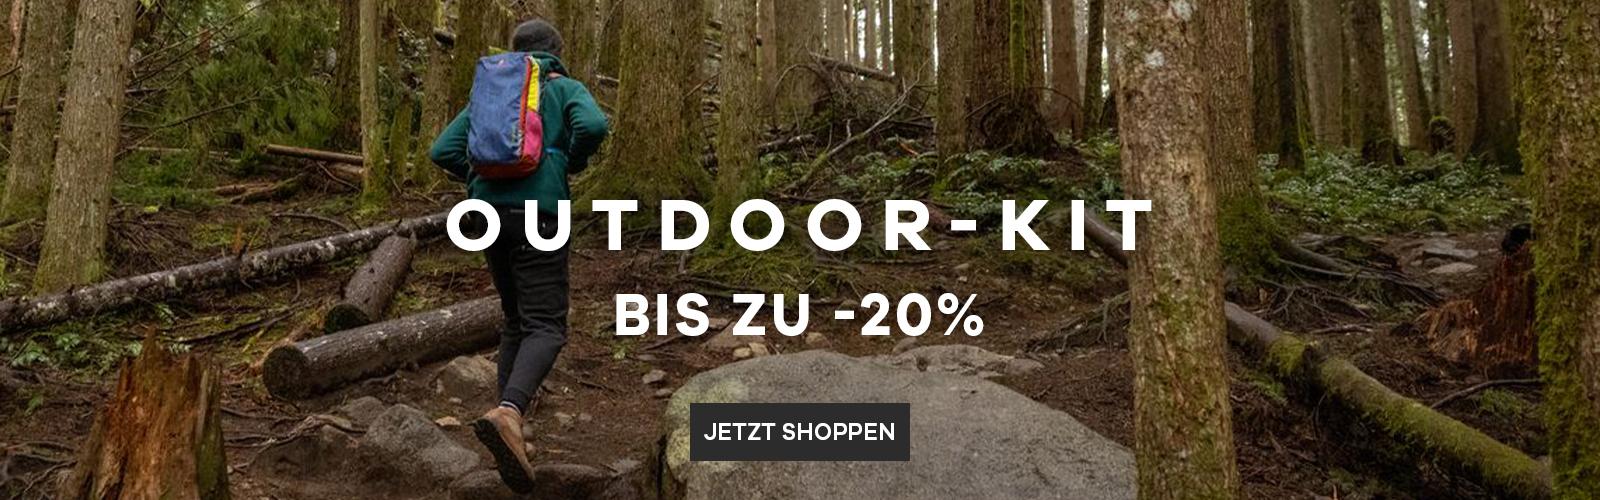 Outdoor-kit   Bis zu -20%